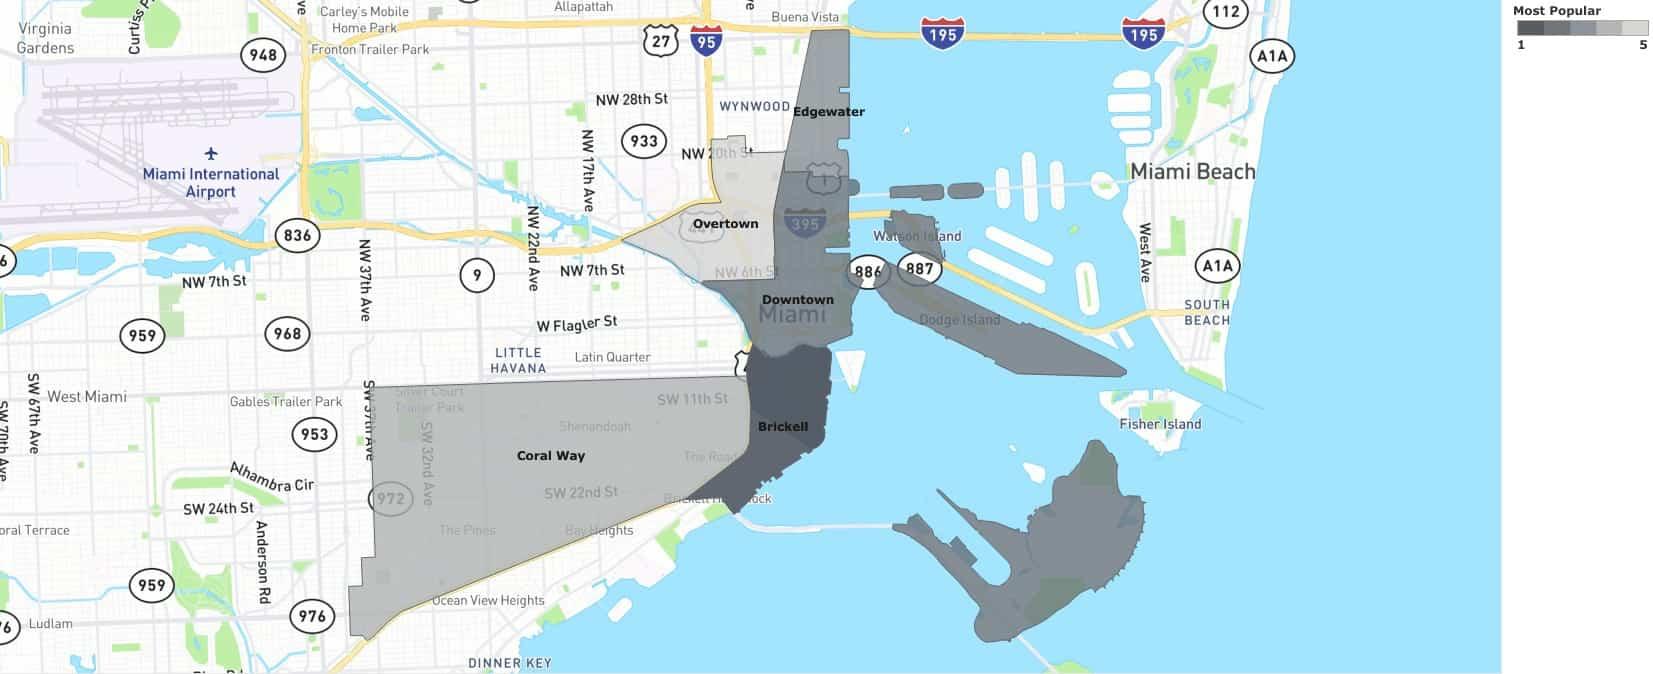 most popular neighborhoods in miami for renters